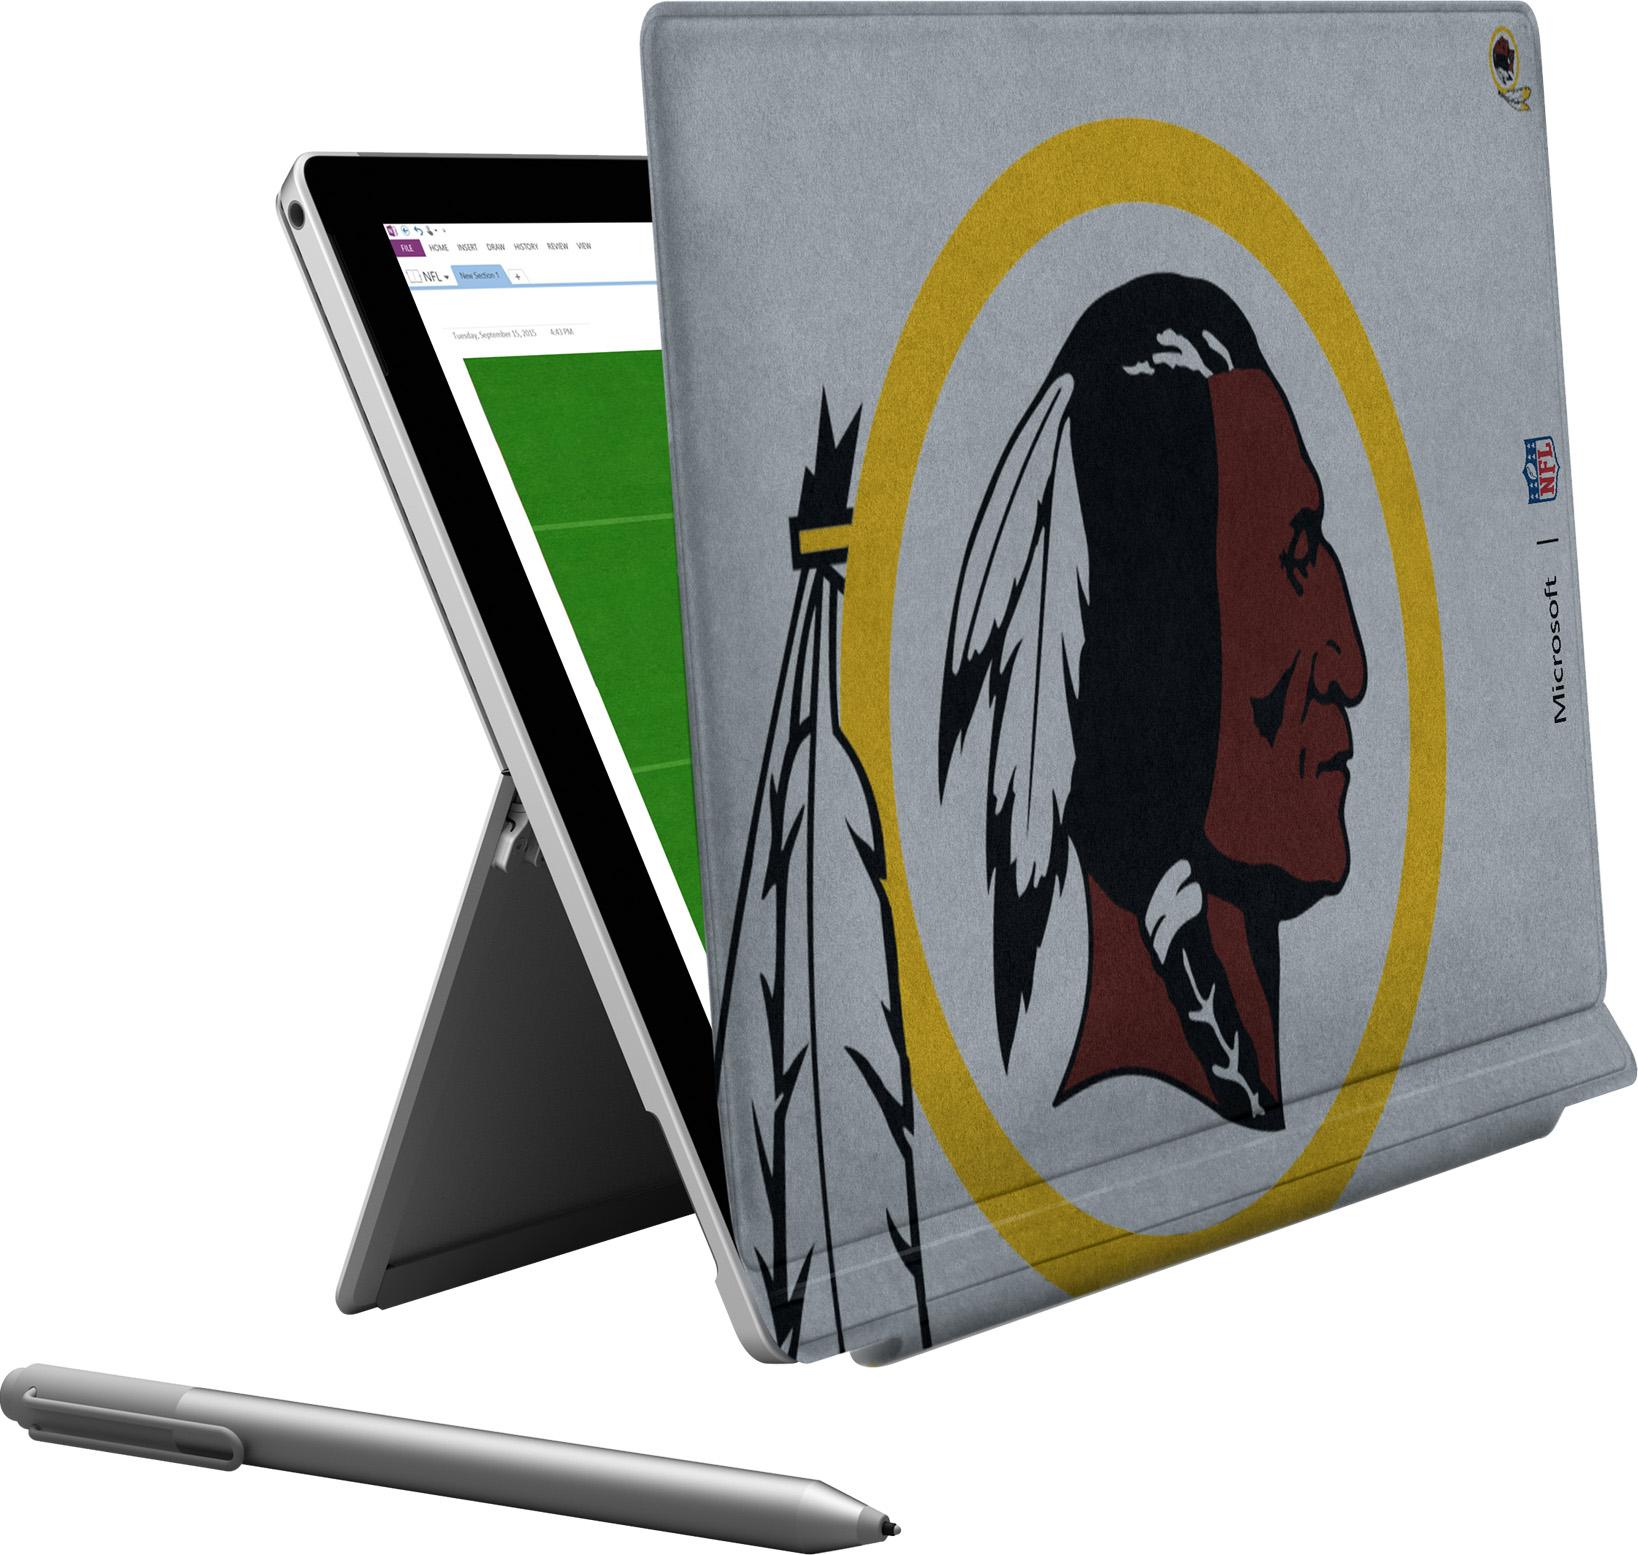 Microsoft Surface Pro 4 Washington Redskins Type Cover